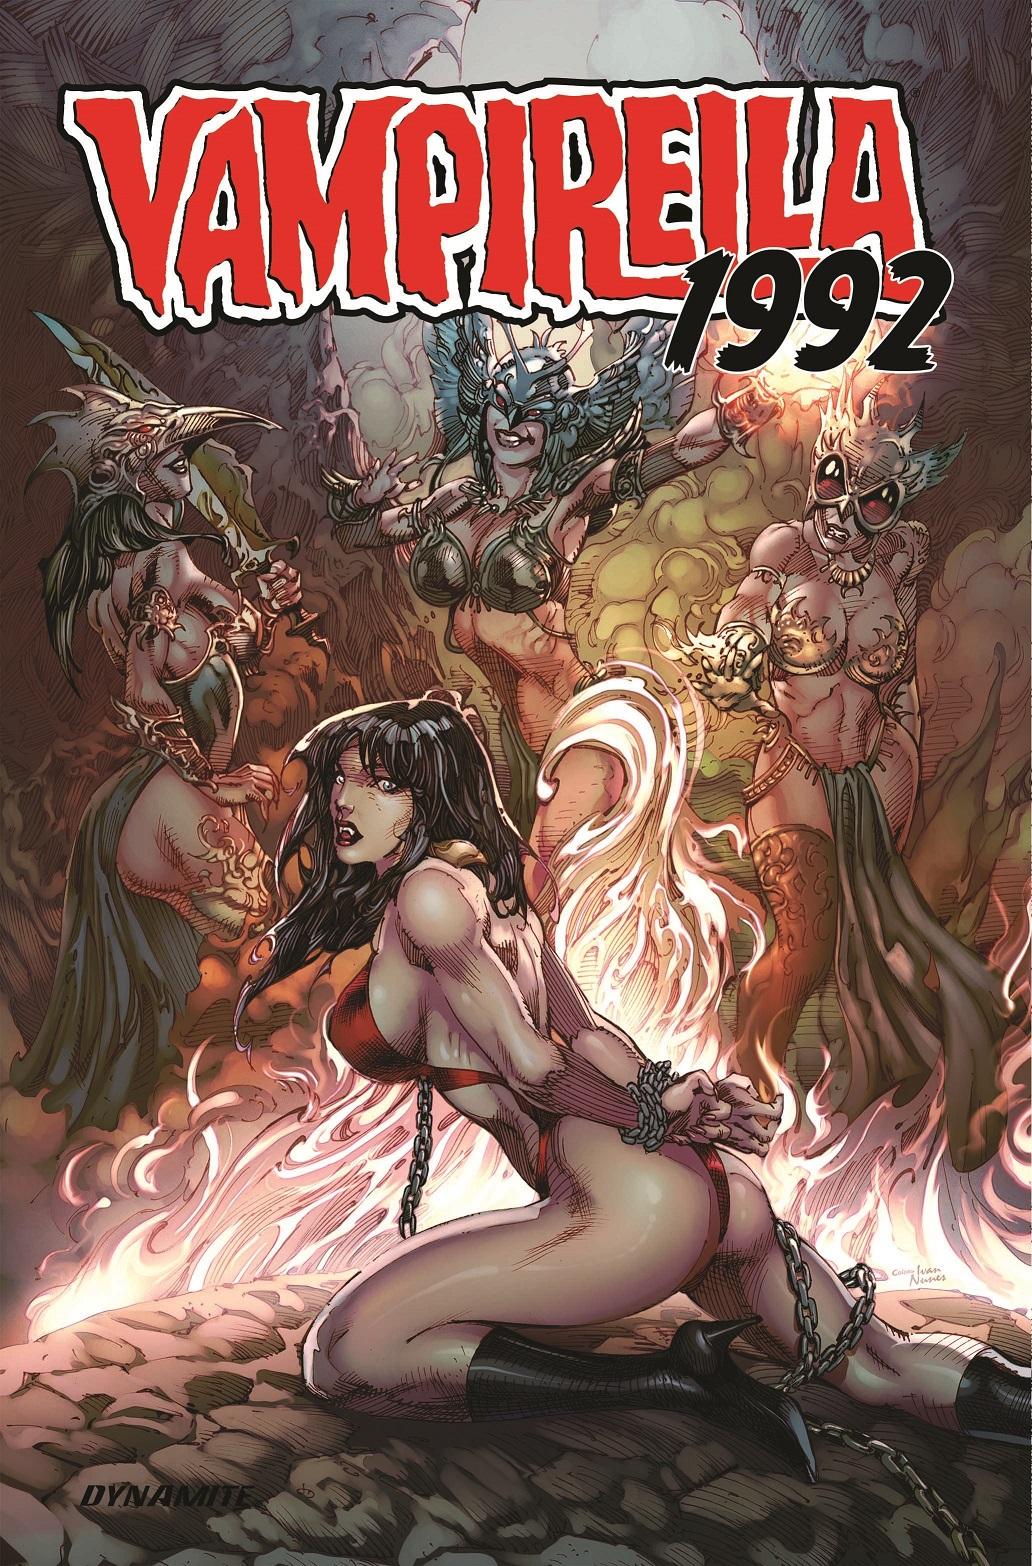 Vampi1992-01021-B-Castro VAMPIRELLA parties like it's 1992